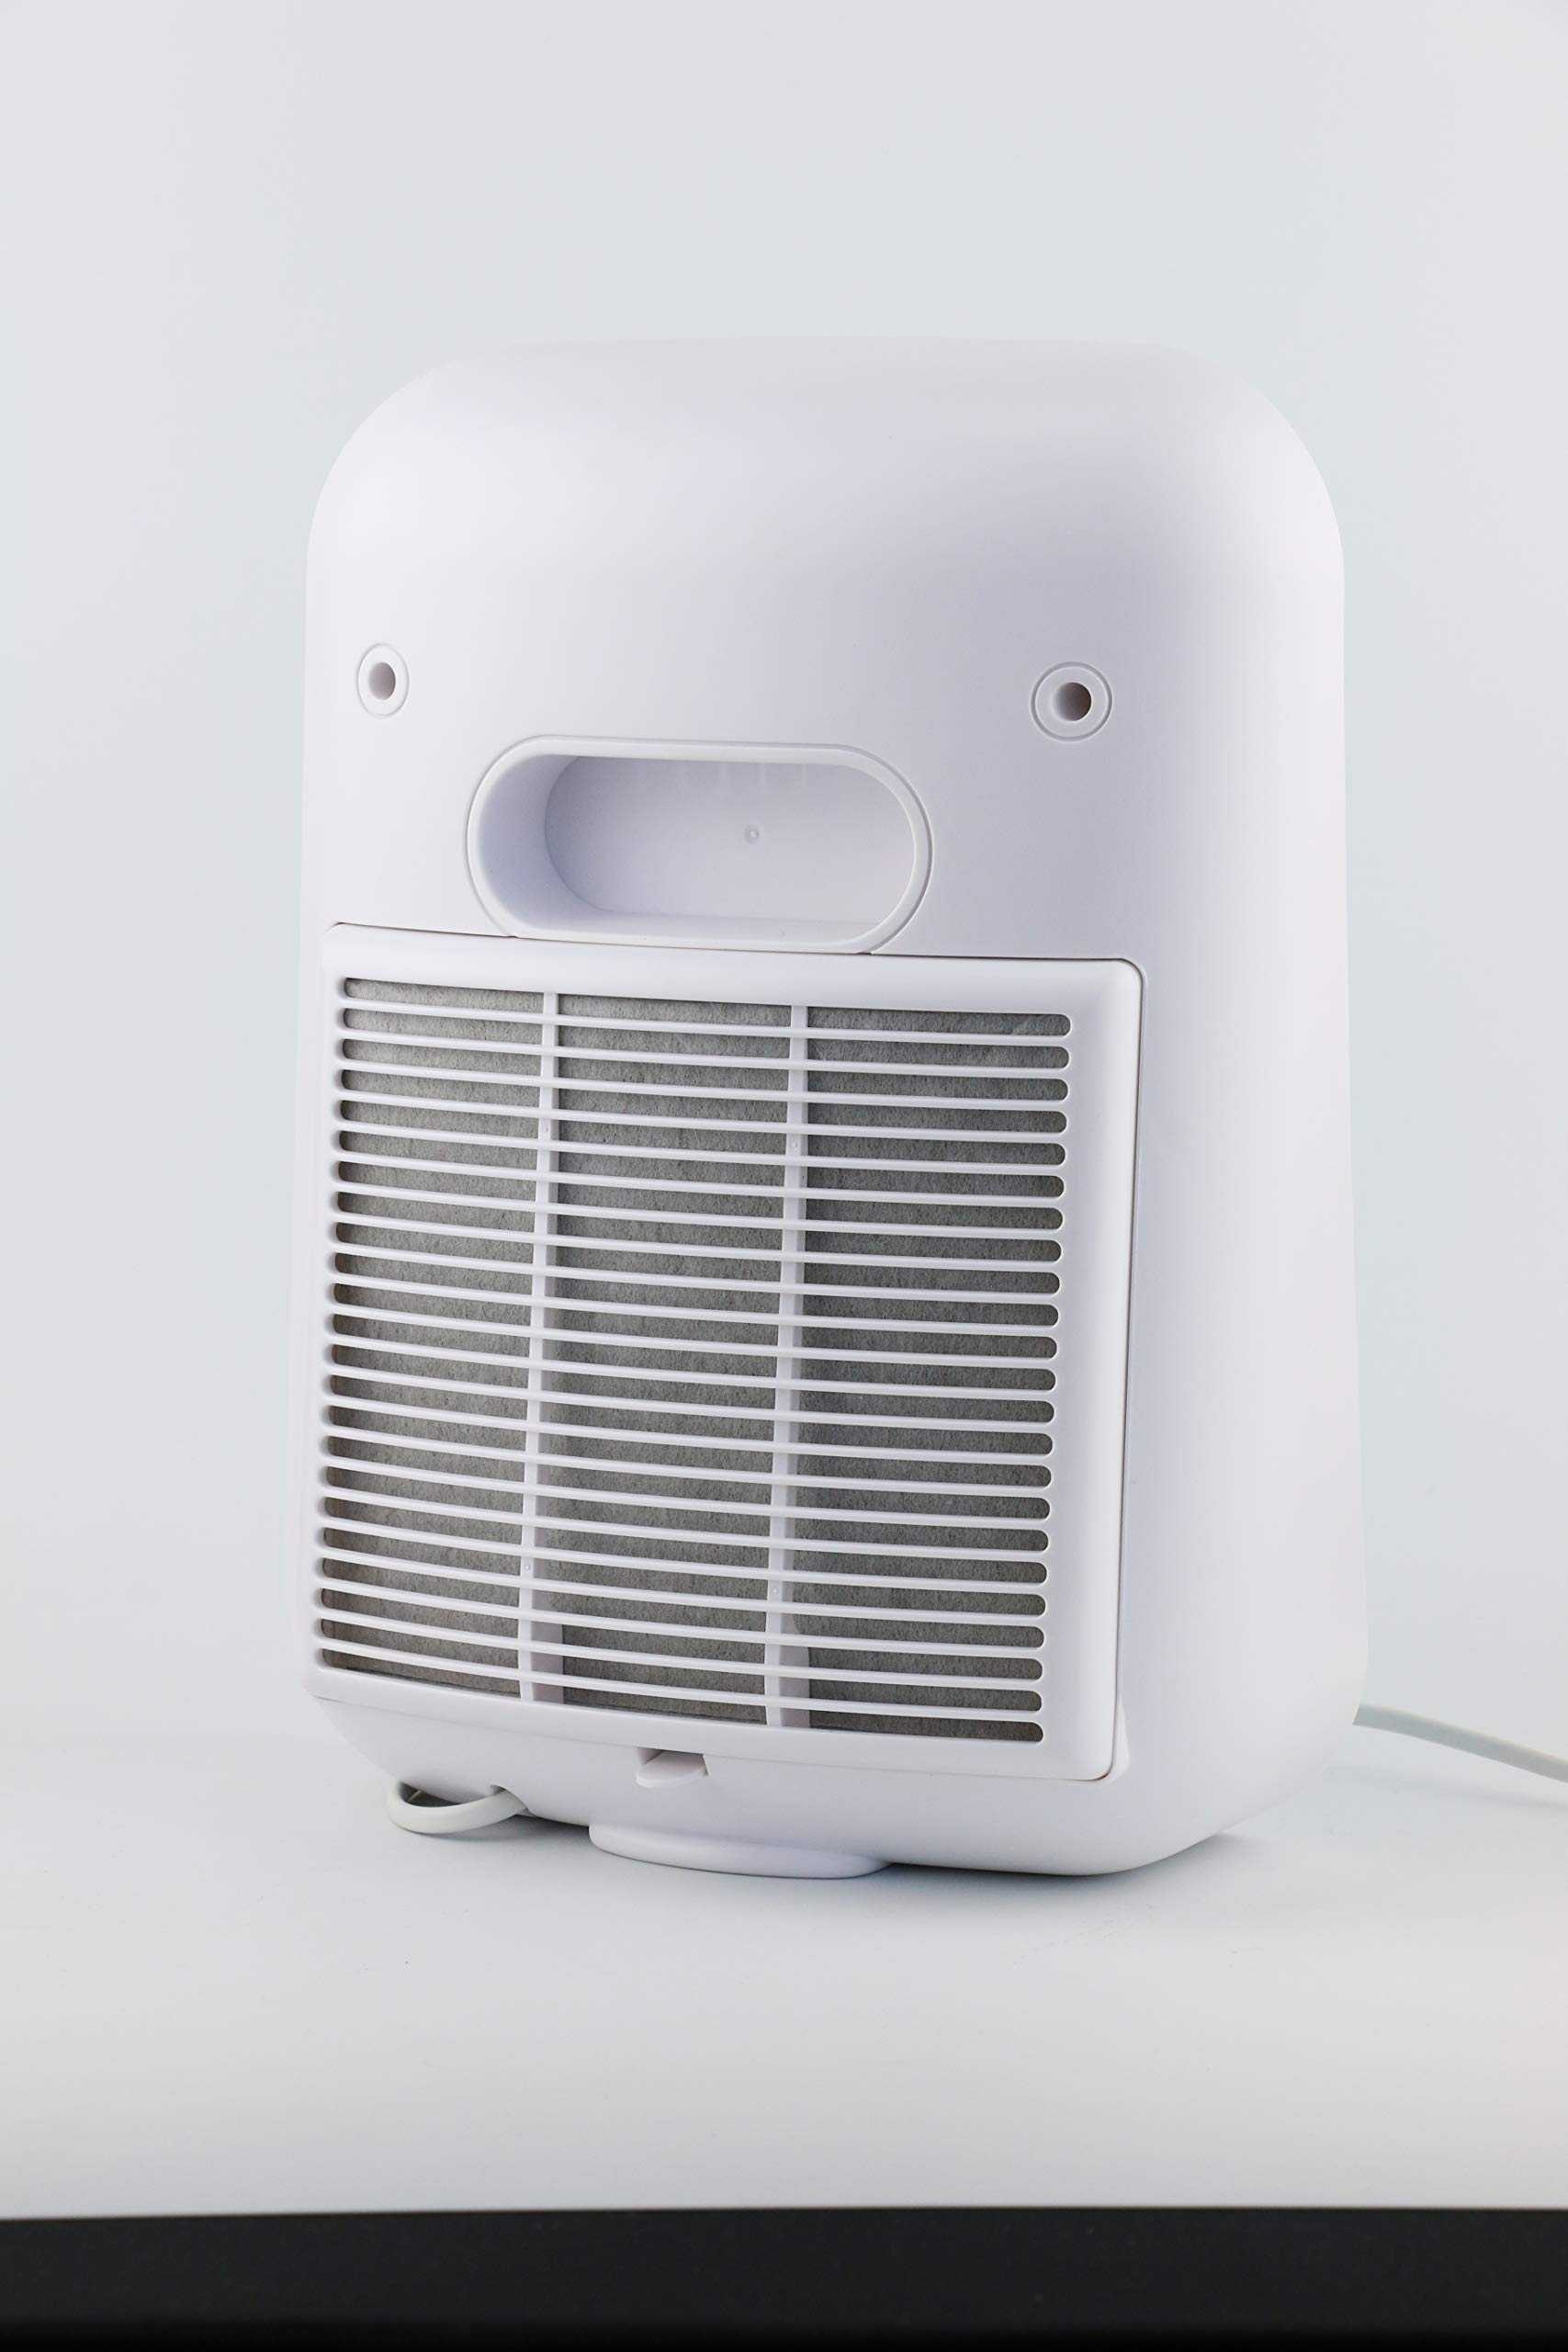 Nuvita Purificador de Aire Ionizador 1850 - Filtro HEPA Auténtico y Filtro de Carbón Activado - Elimina el Polvo Fino (PM 10 y PM 2,5), Polen, Alérgenos y Humo del Aire -